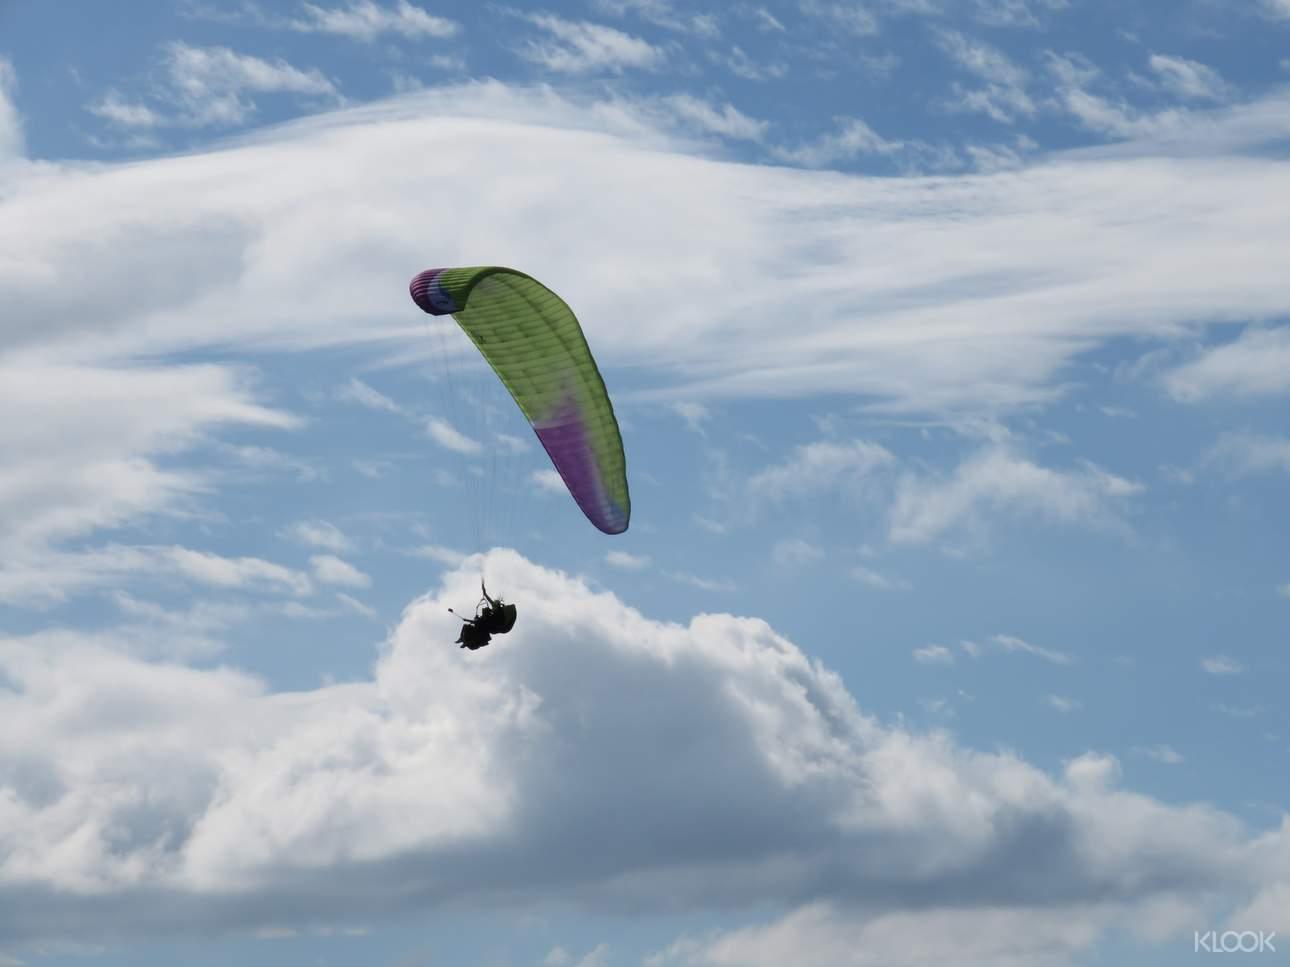 和三五好友一起參與滑翔傘飛行體驗,從高空俯瞰最美的秘境